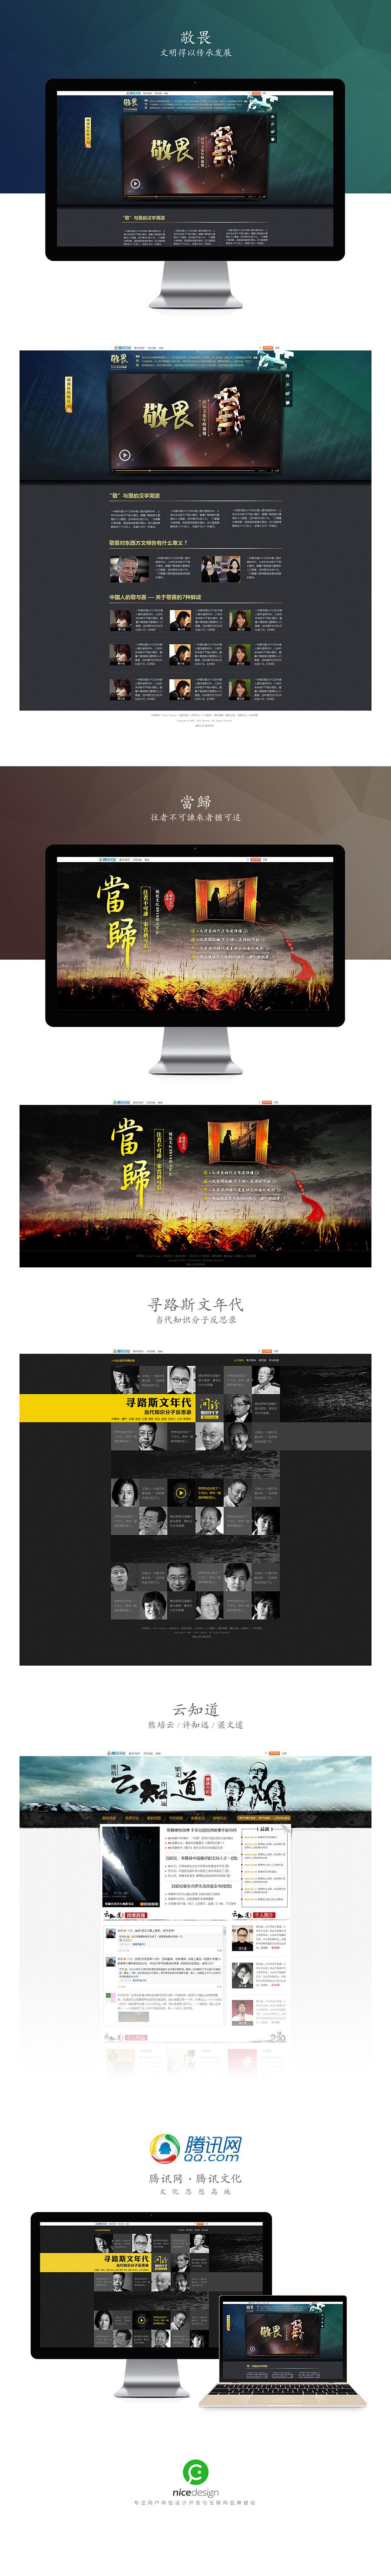 查看《腾讯文化专题》原图,原图尺寸:1200x7900